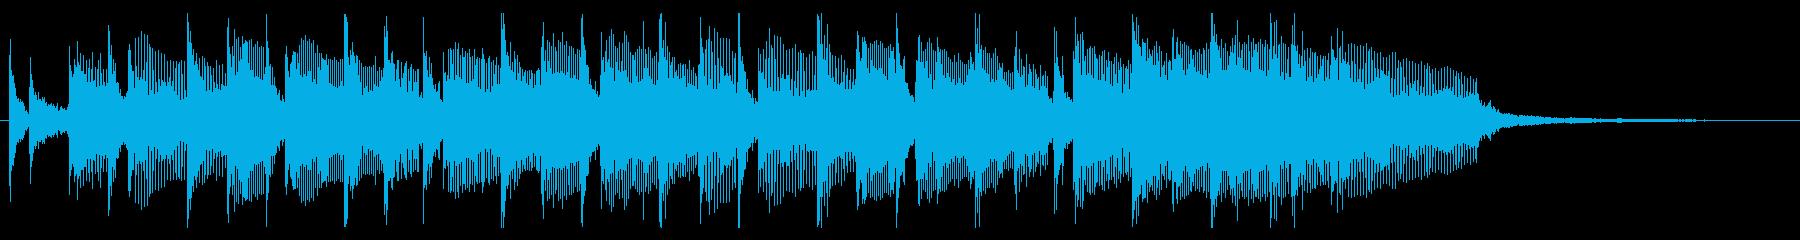 爽やかなオープニングジングルの再生済みの波形